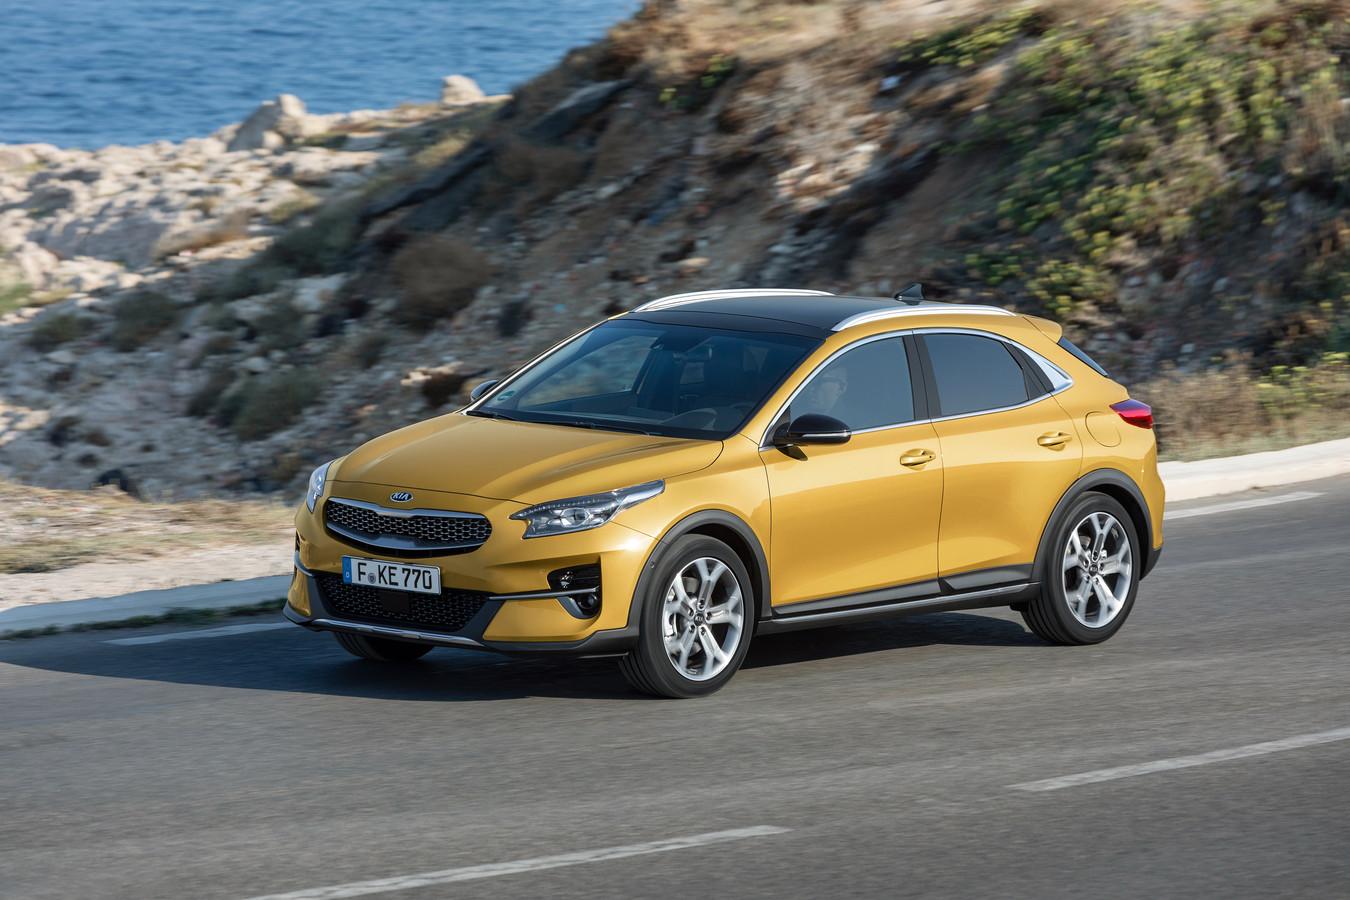 De Kia XCeed in de nieuwe kleur Quantum Yellow